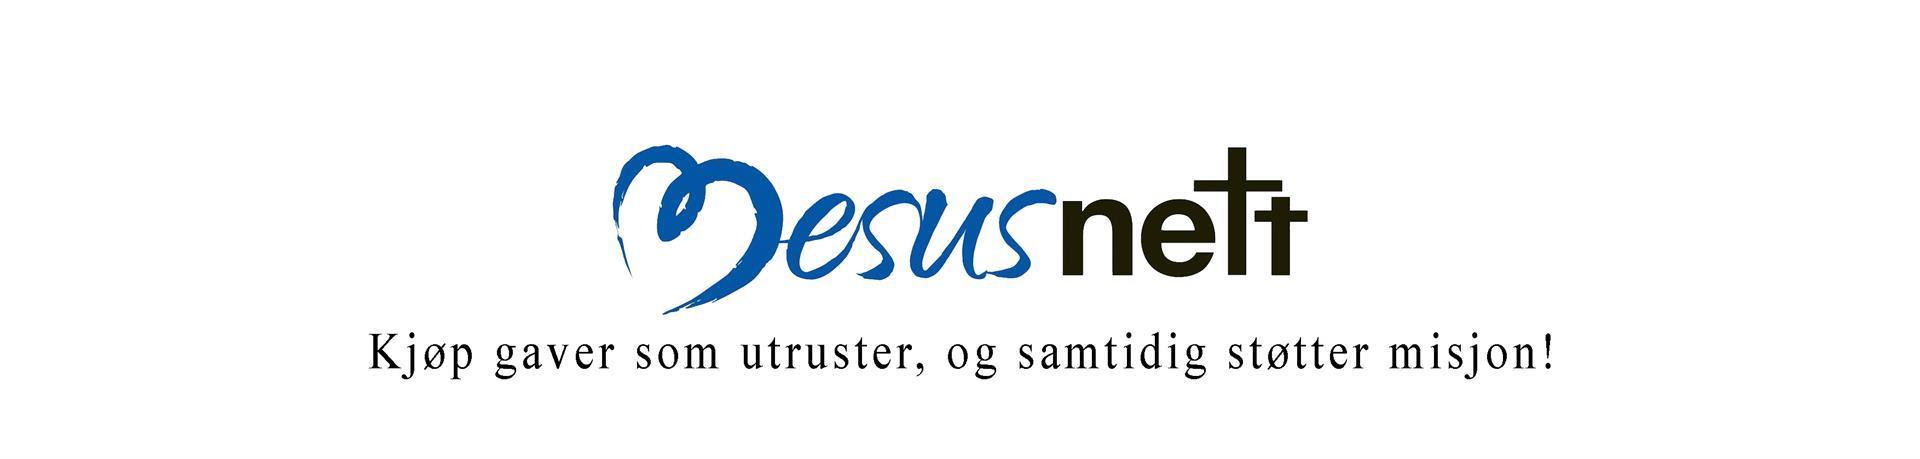 Jesusnett